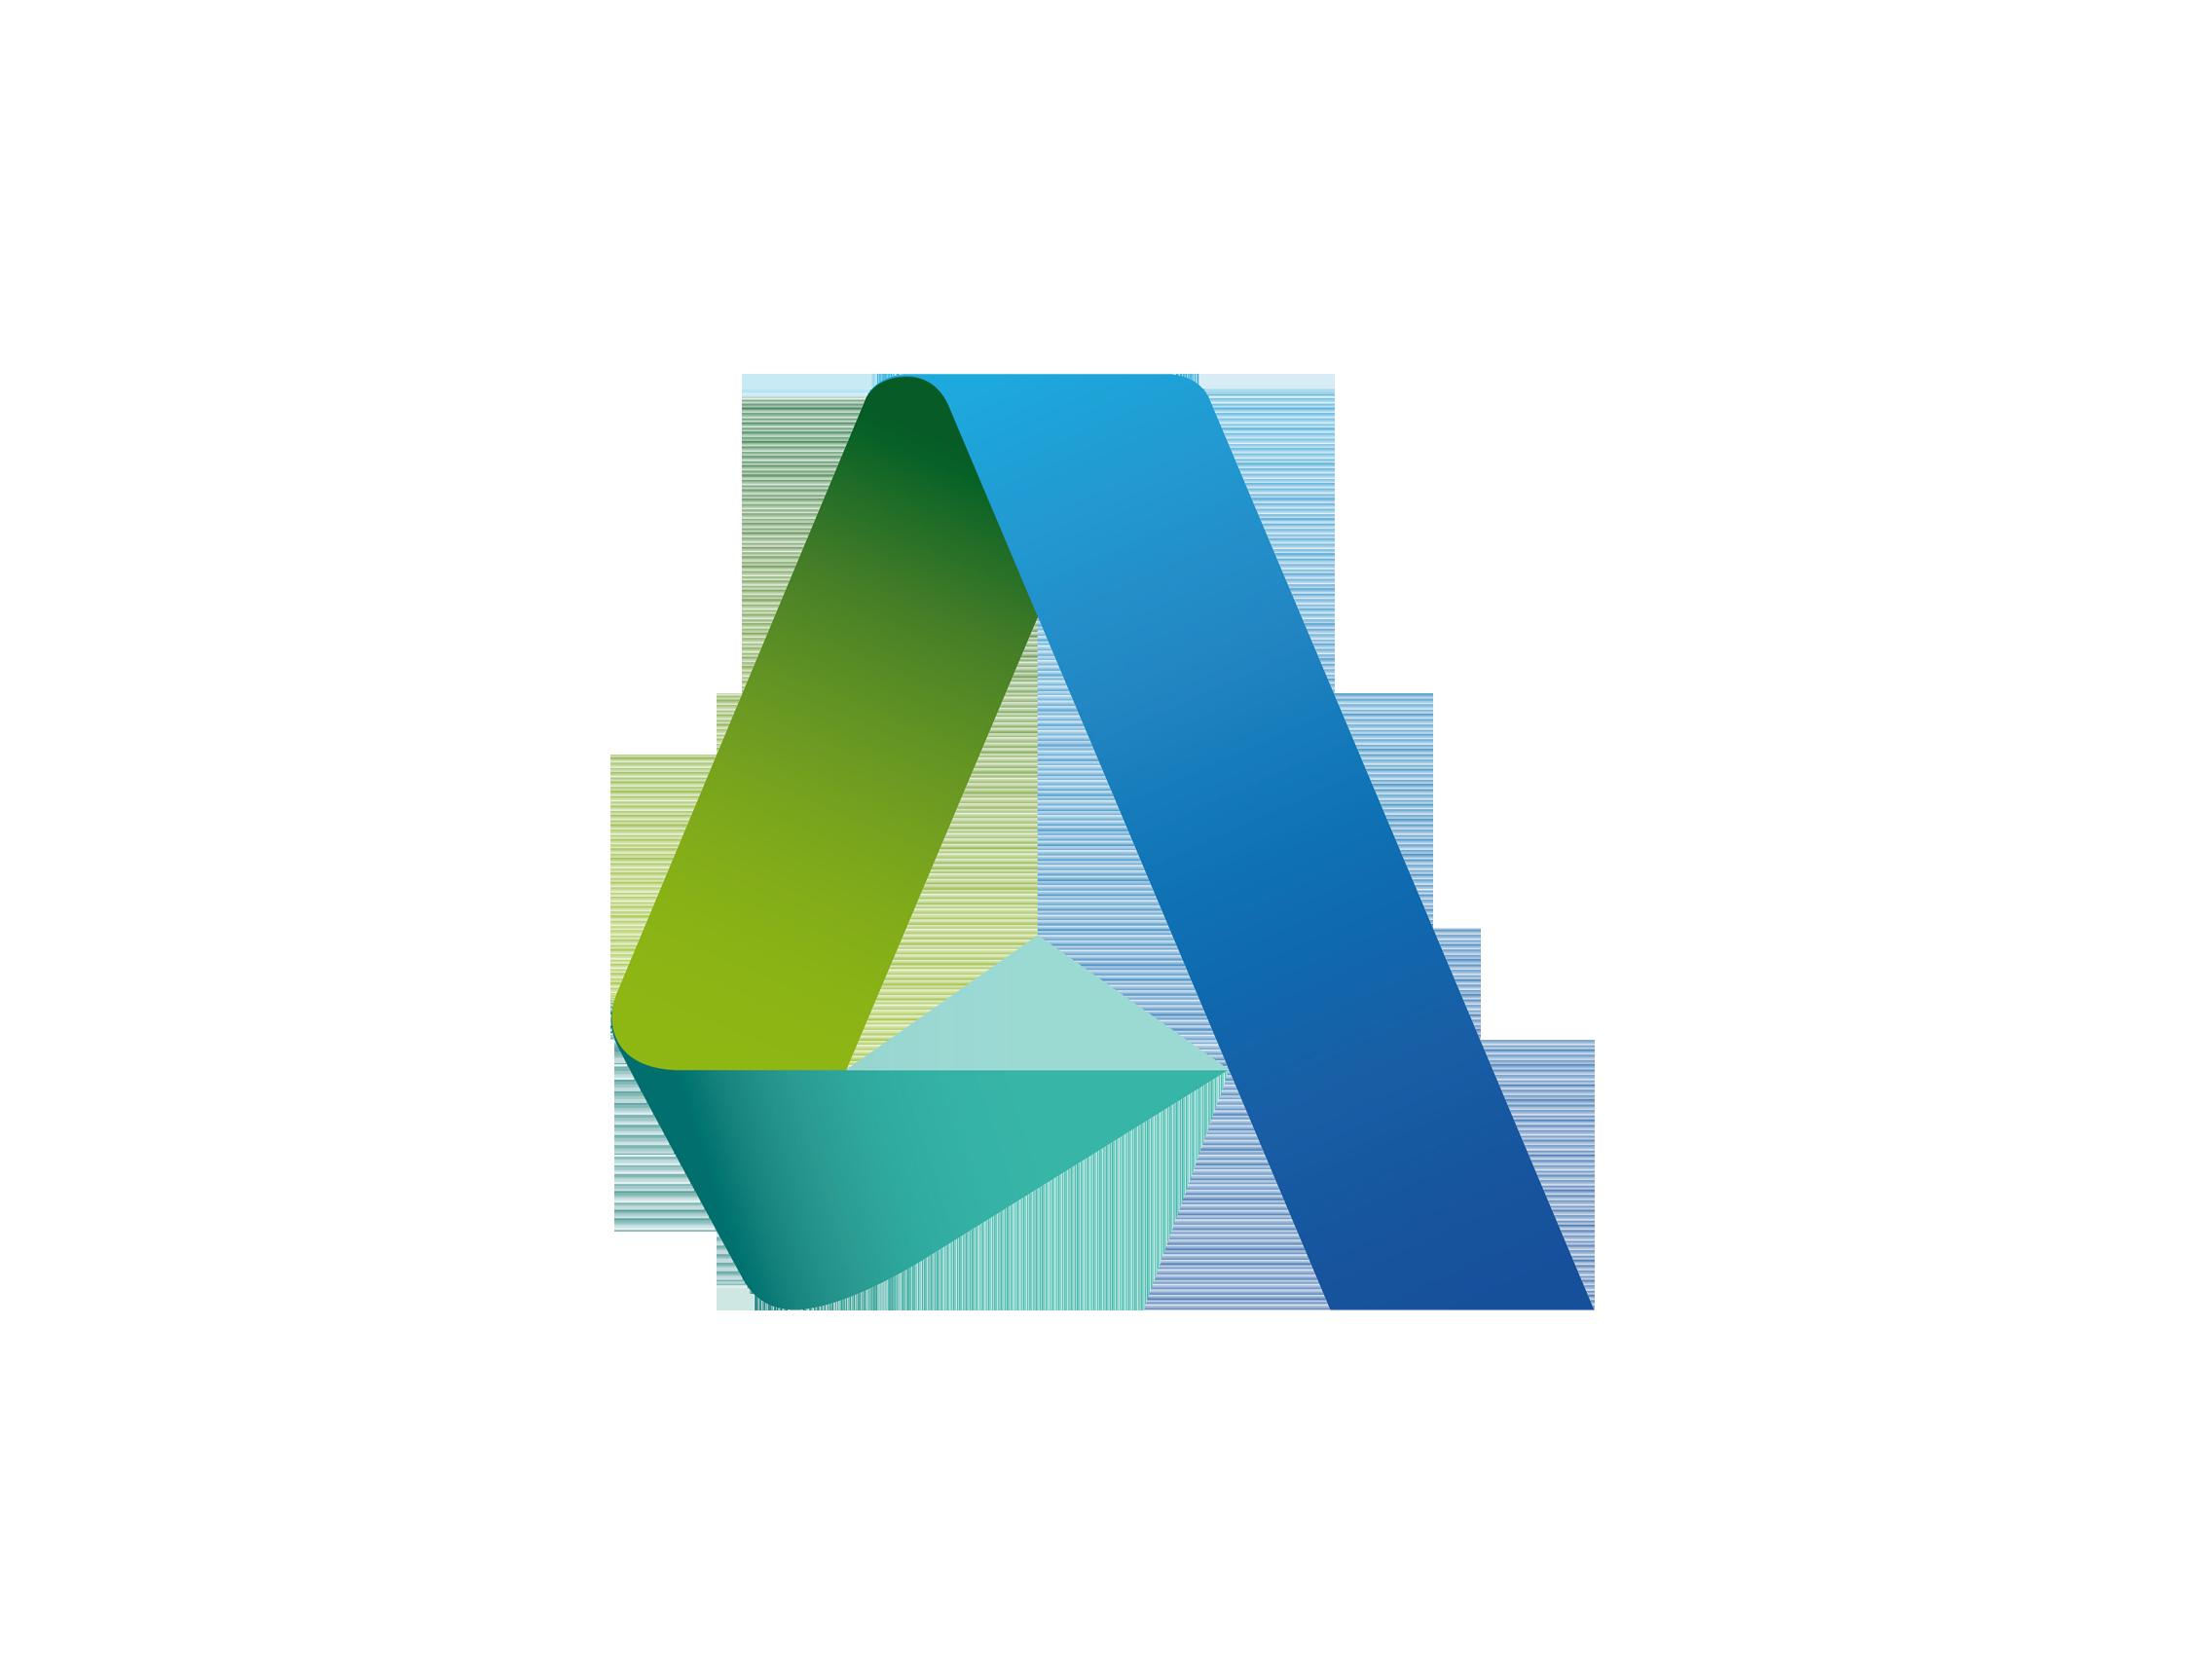 Autodesk unveils complete man